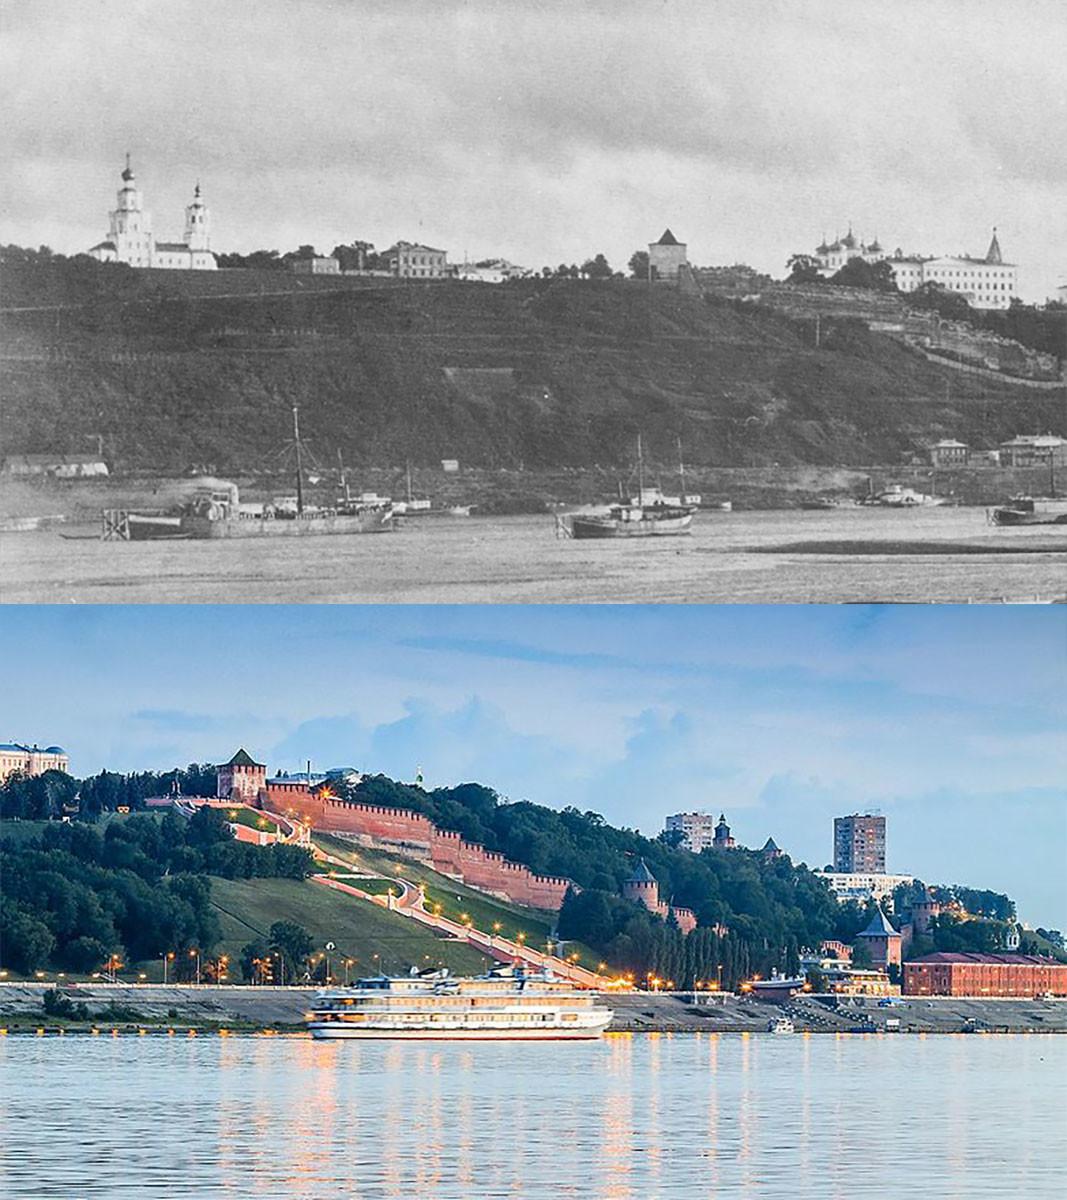 View on Nizhny Novgorod kremlin, Dyatlov hills and Chkalov stairs, 1886 and now.